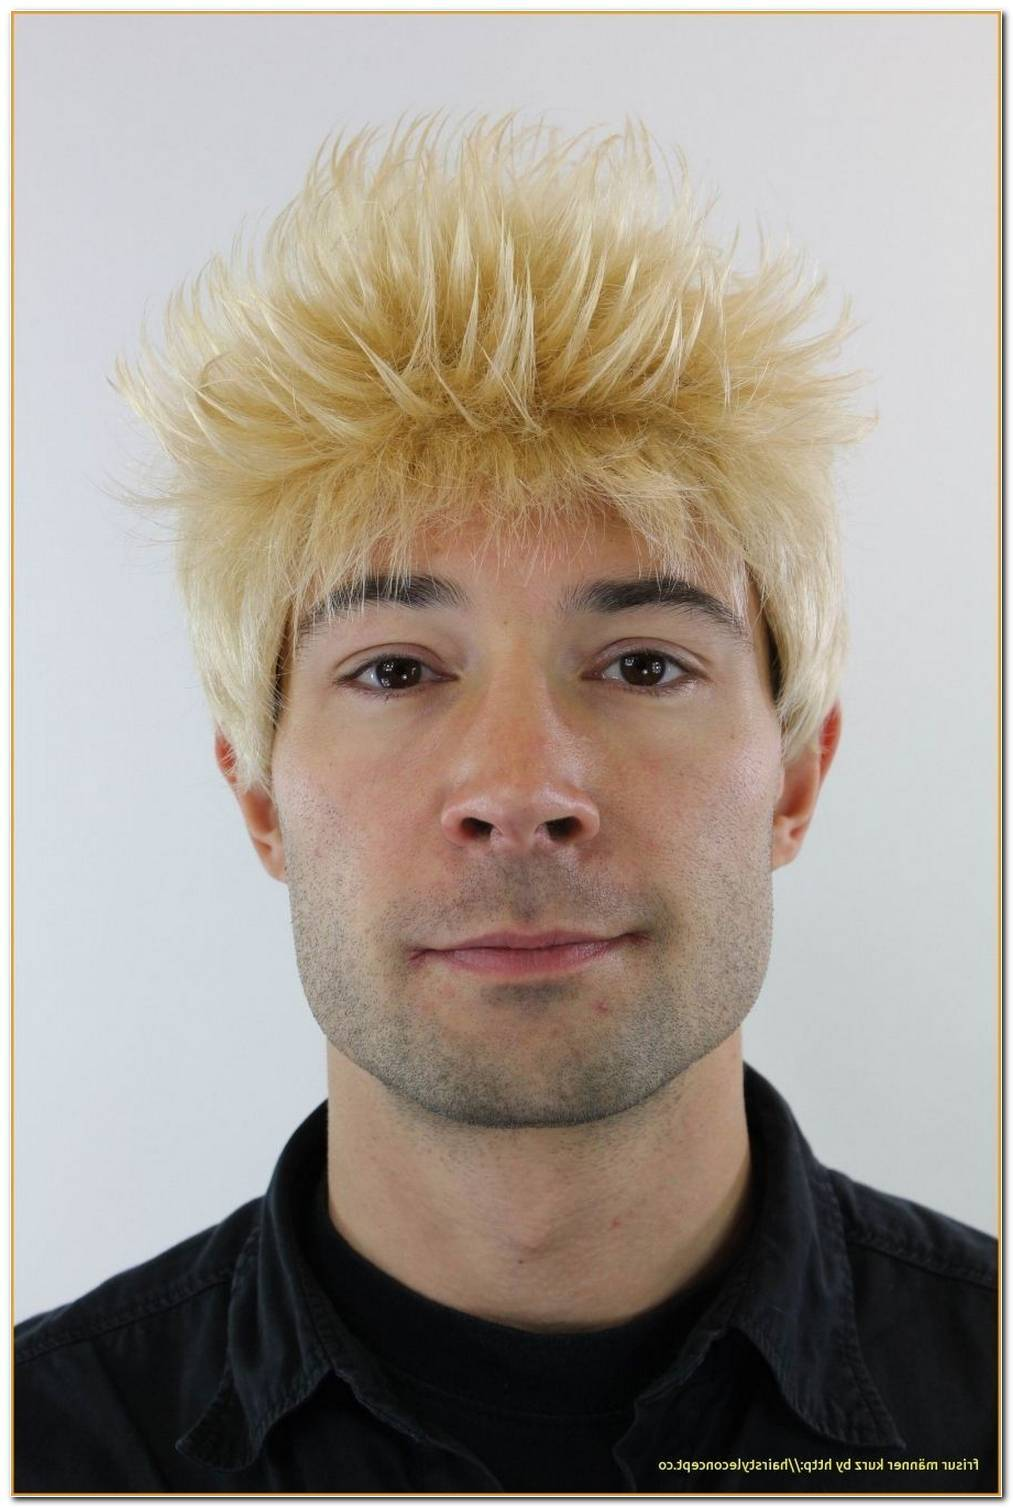 Frisur Geheimratsecken Blond